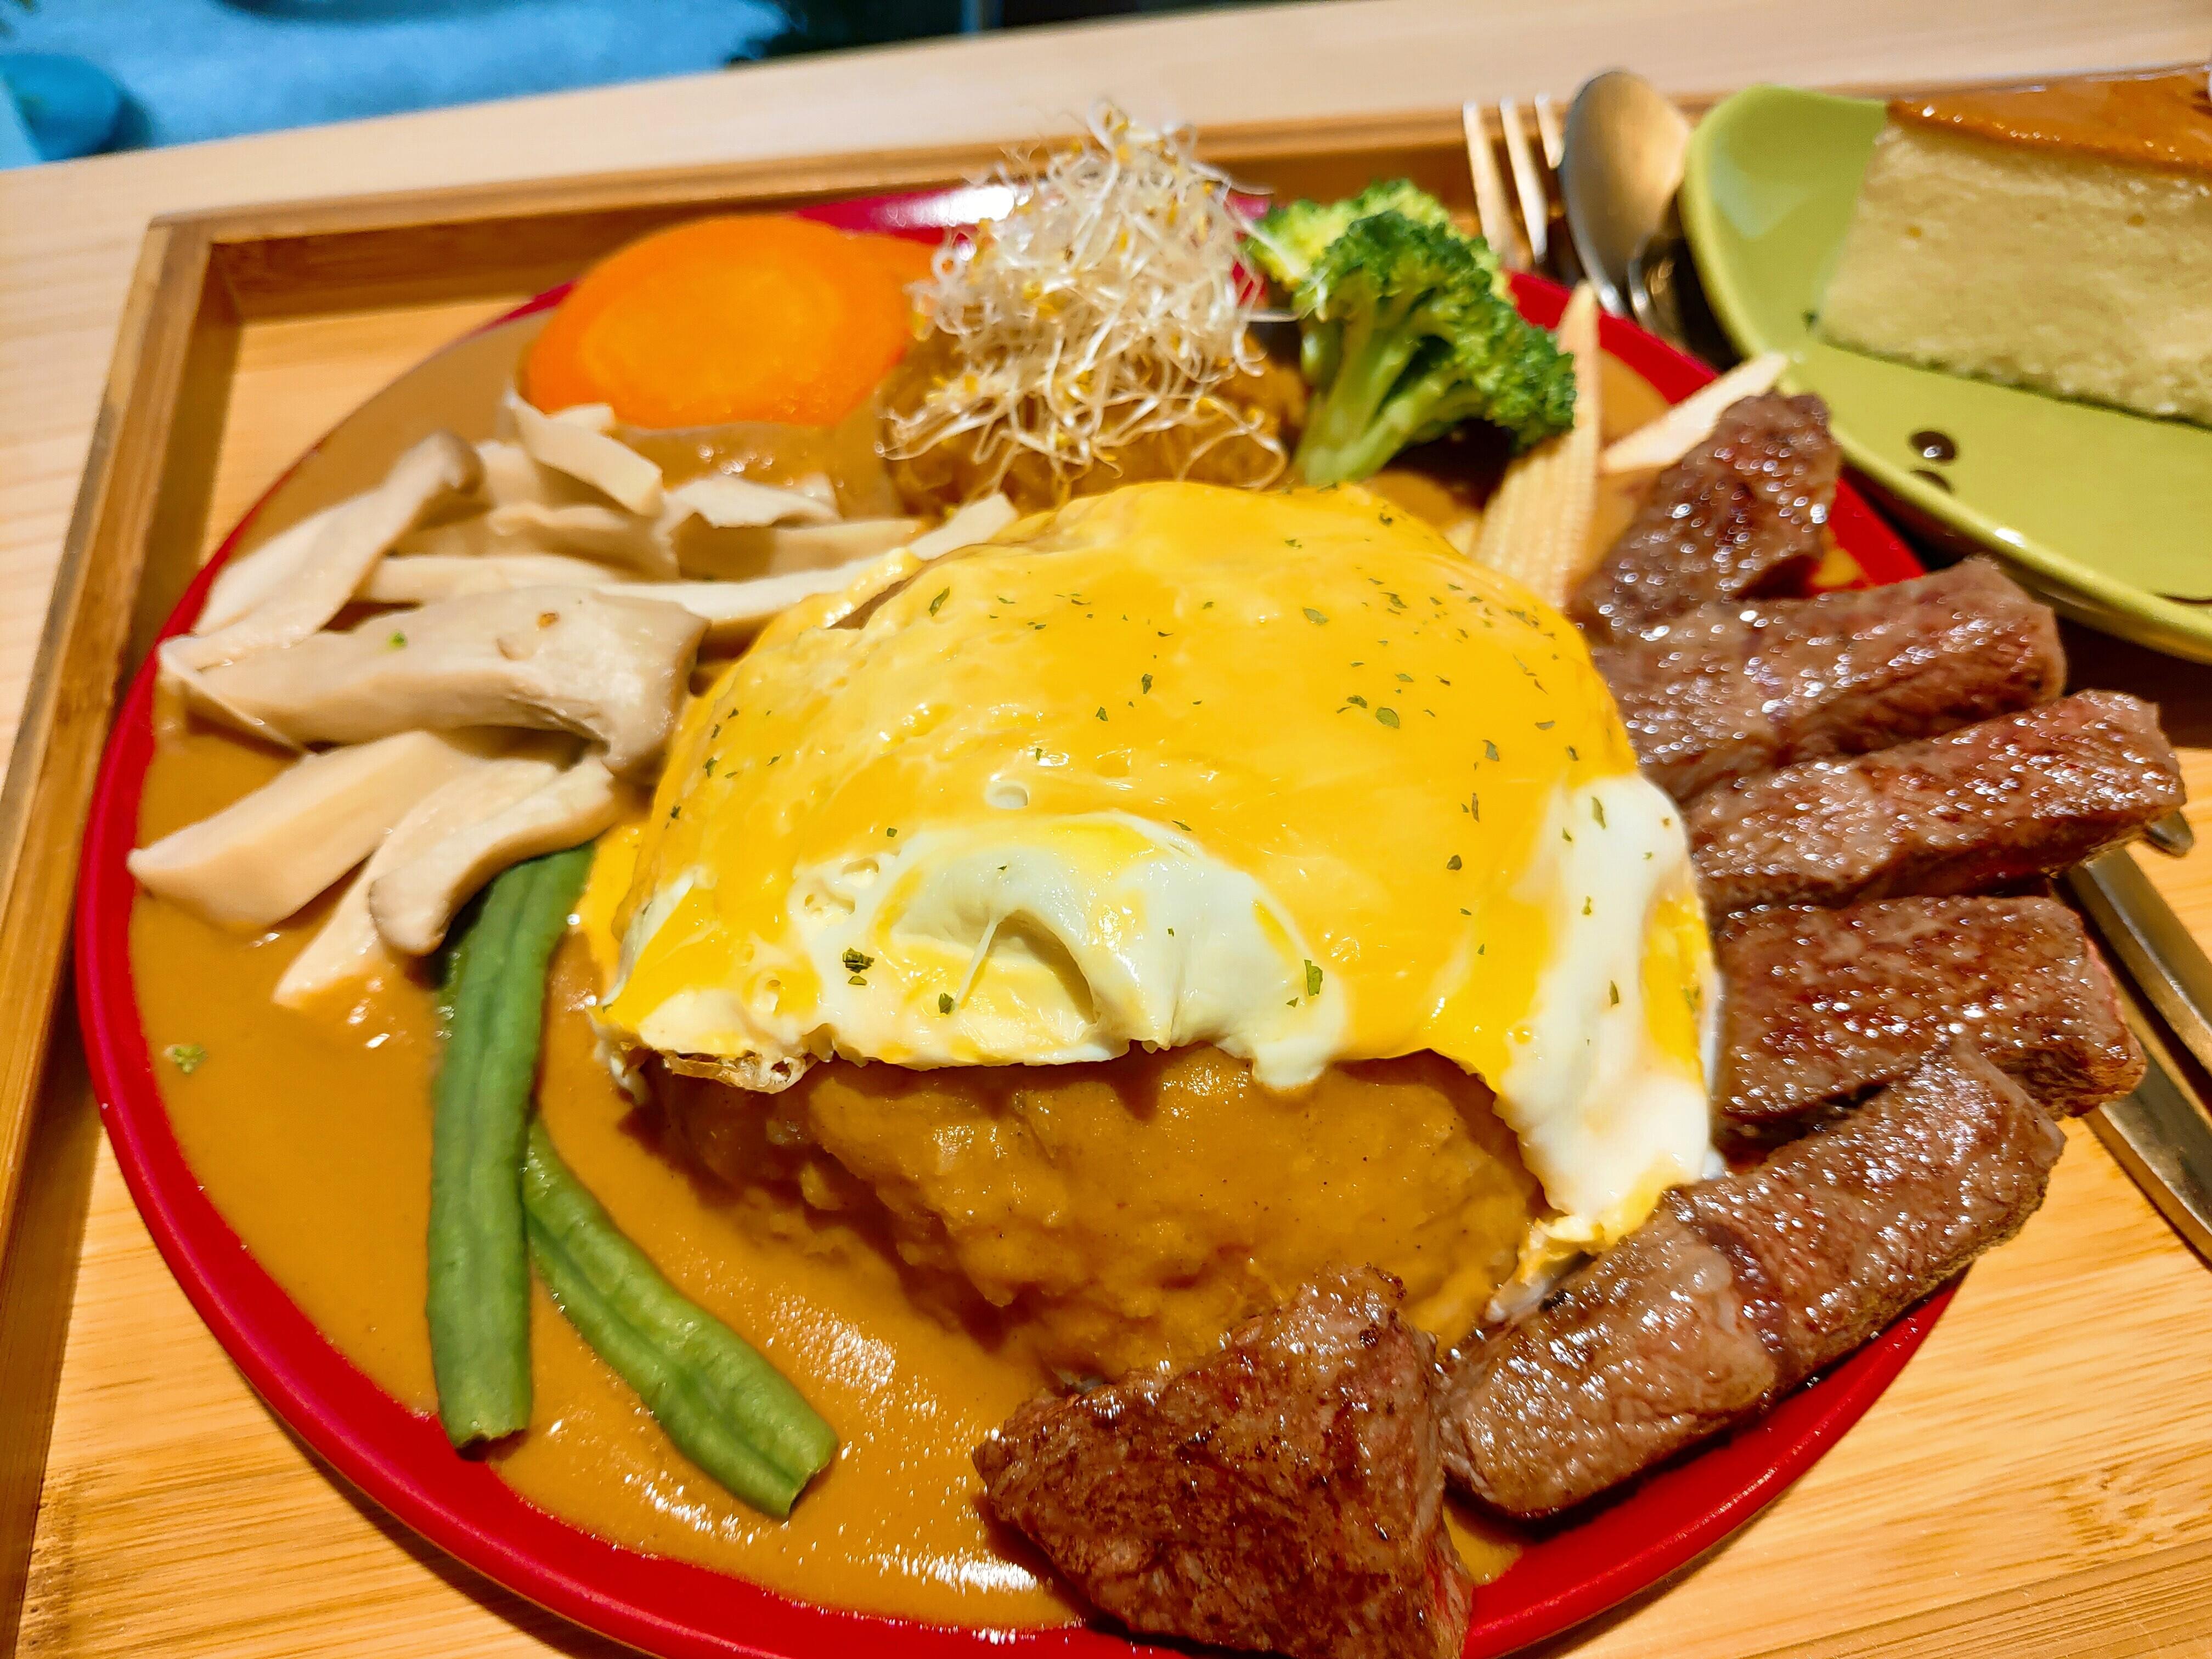 【花蓮市區】伊坐咖啡|超軟嫩的牛肉咖哩與舒適愜意的時光